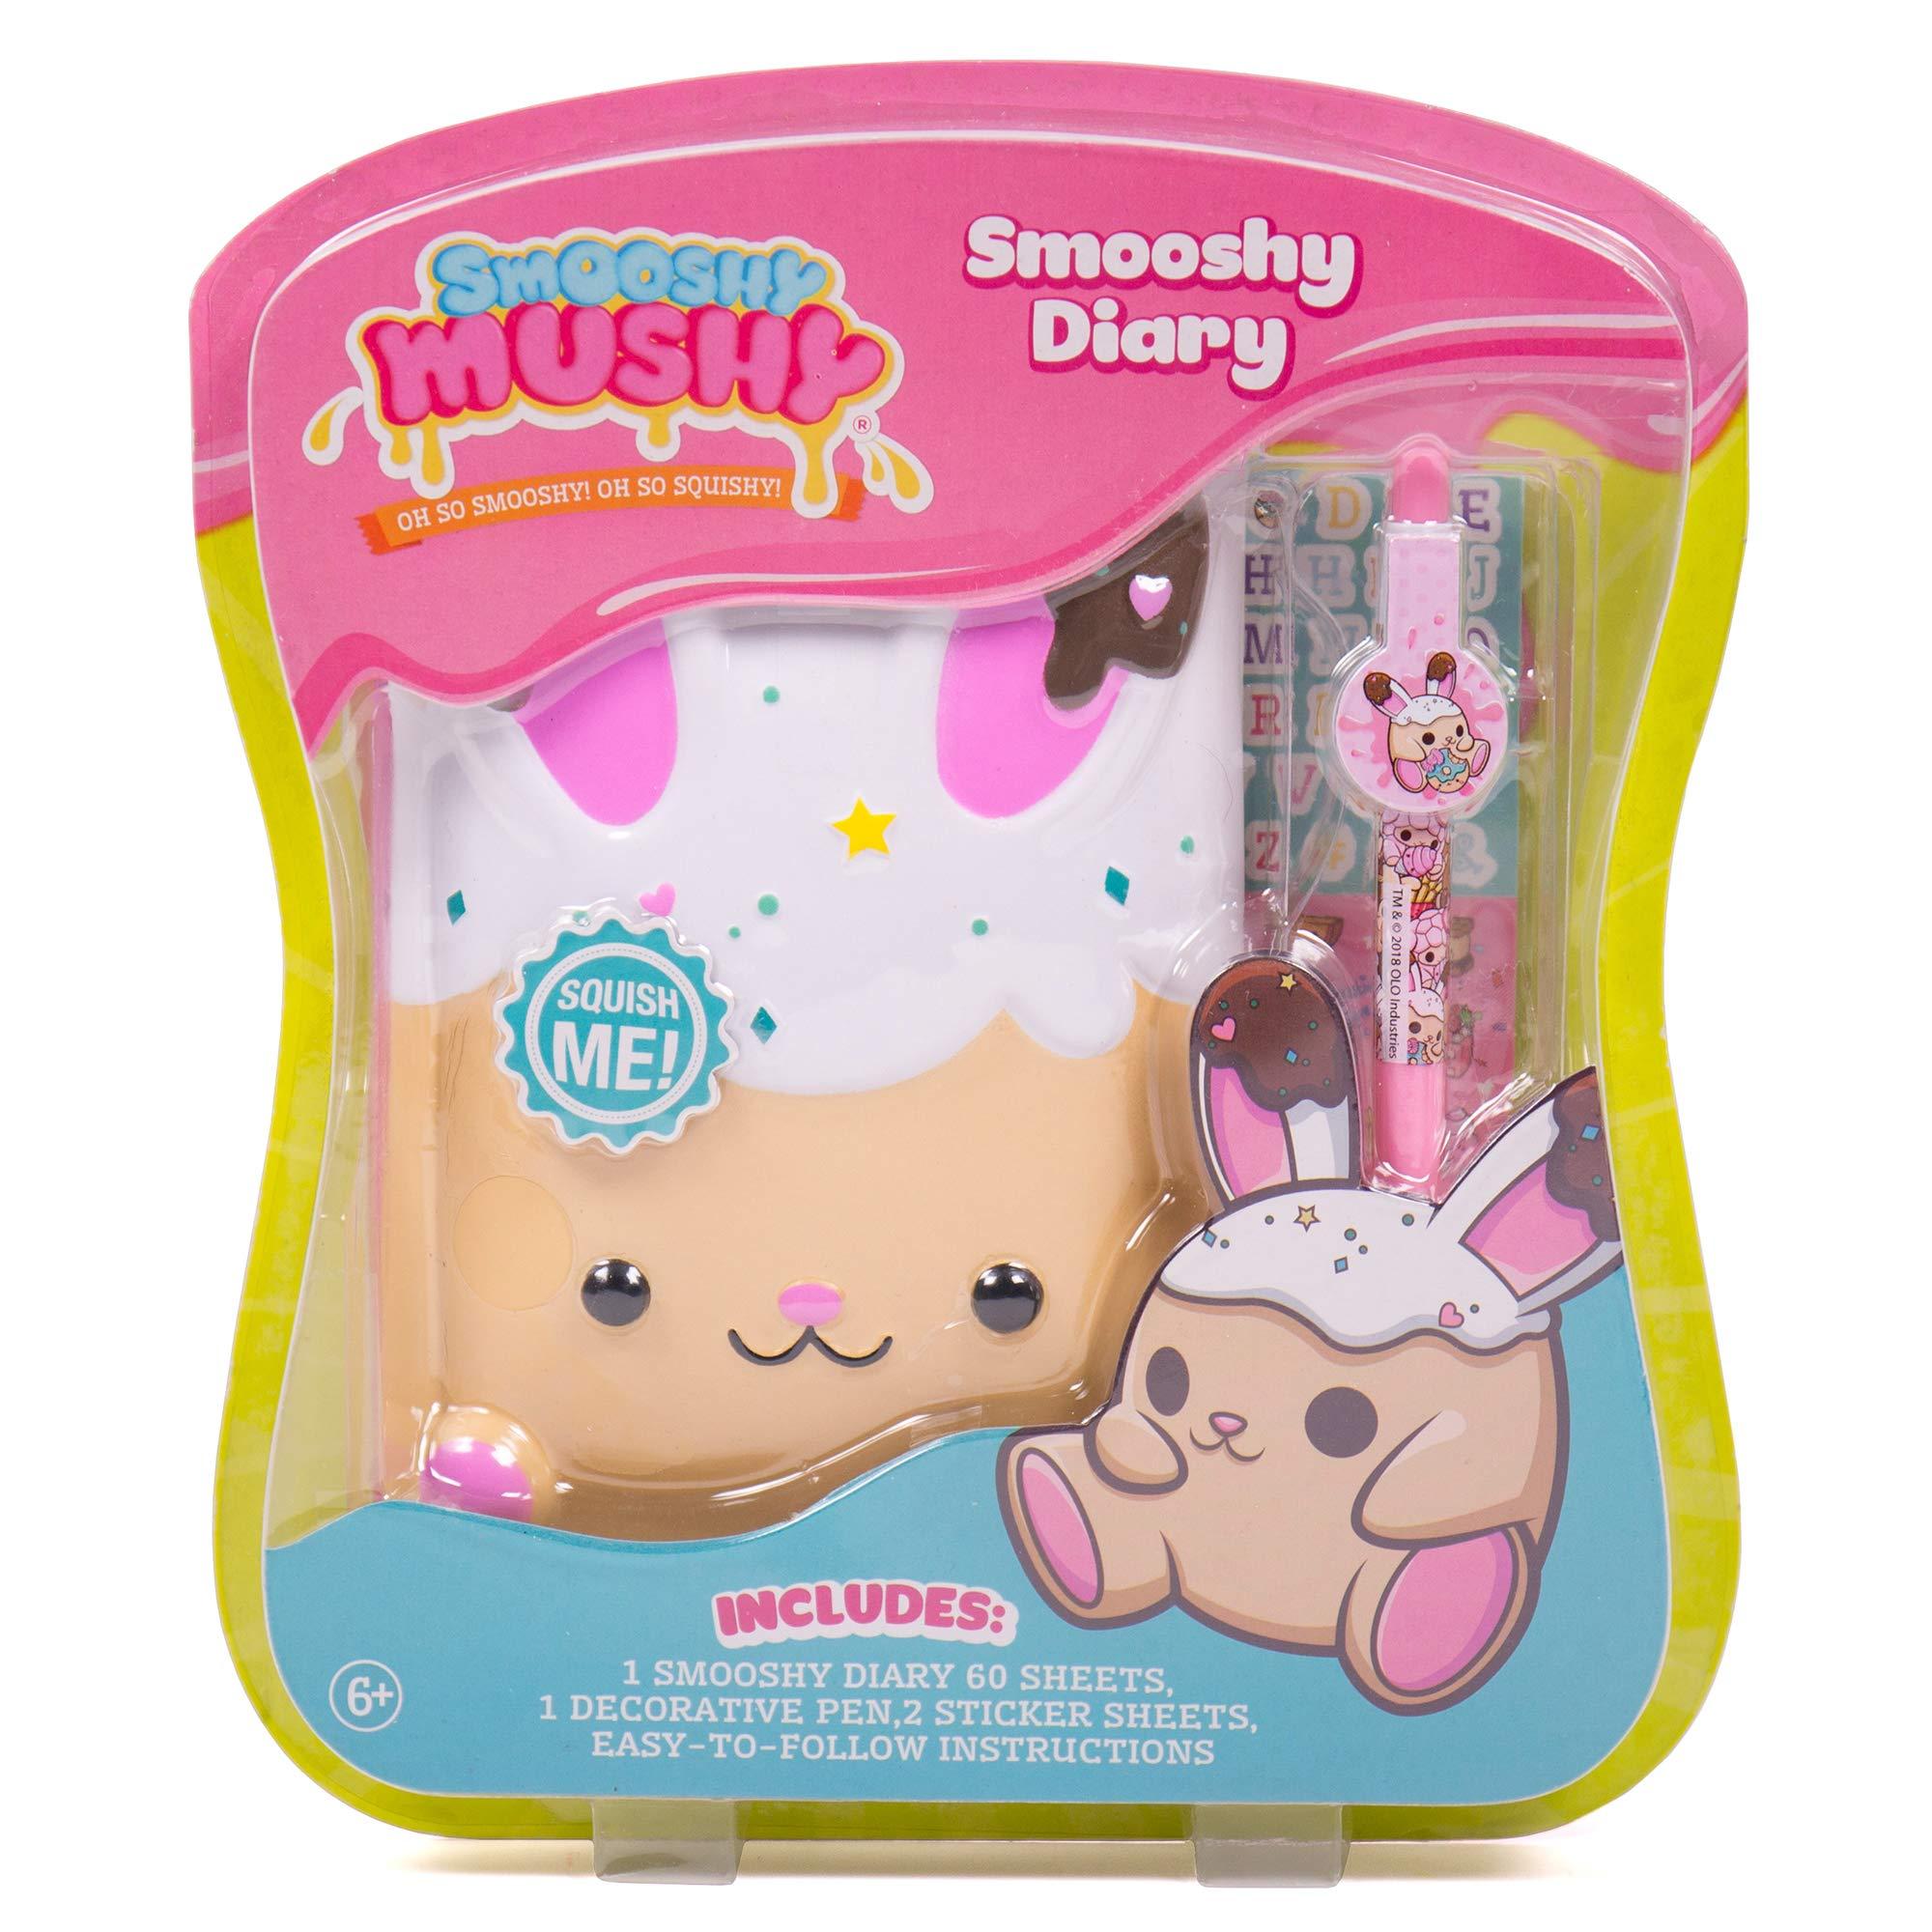 Smooshy Mushy Secret Smooshy Bunny Diary by Horizon Group USA, Multi by Smooshy Mushy